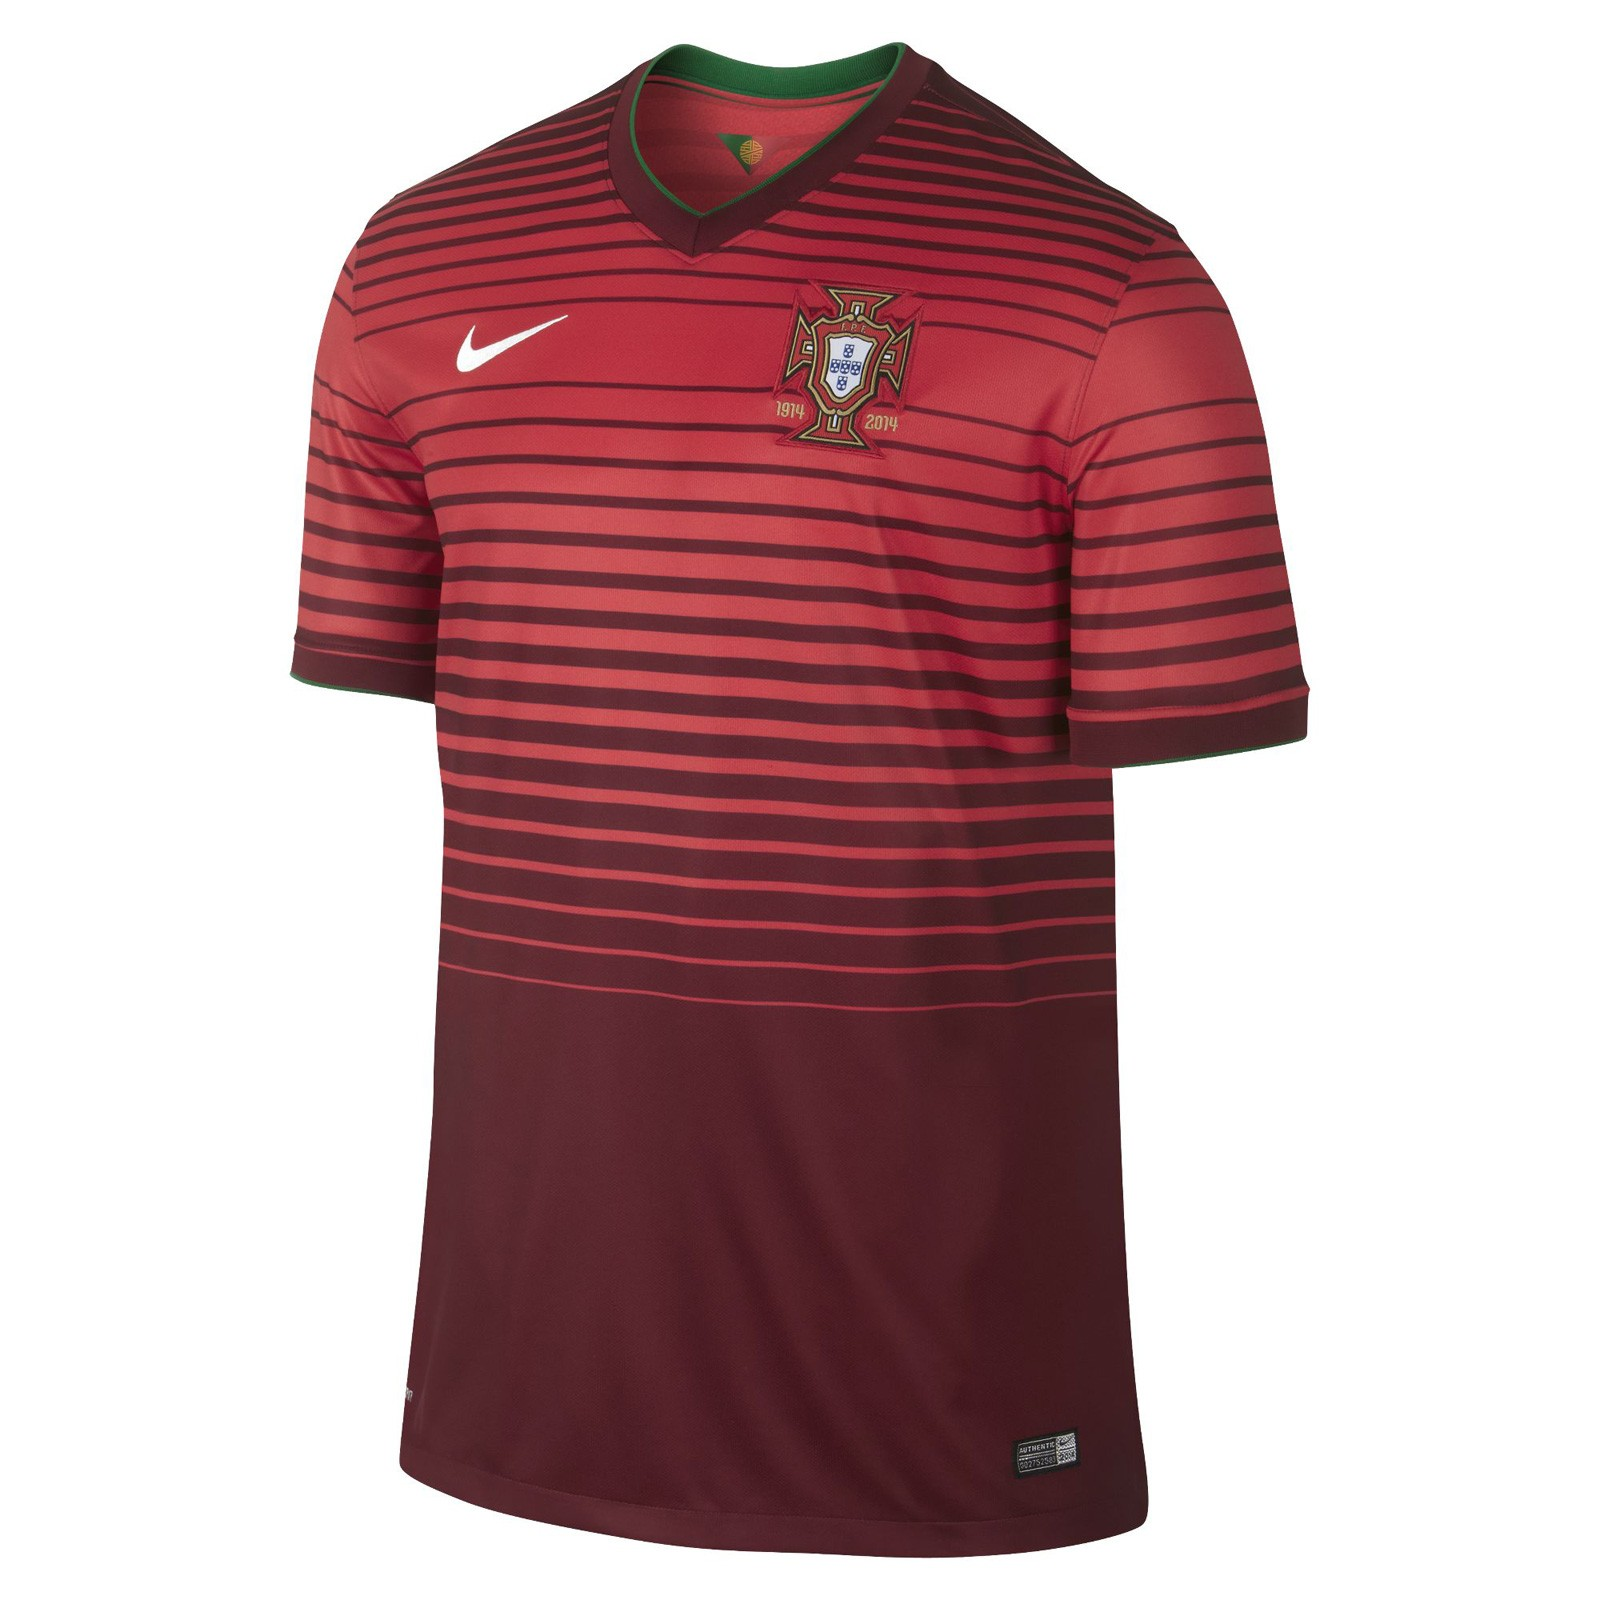 葡萄牙国家队2014世界杯球迷版主场球衣